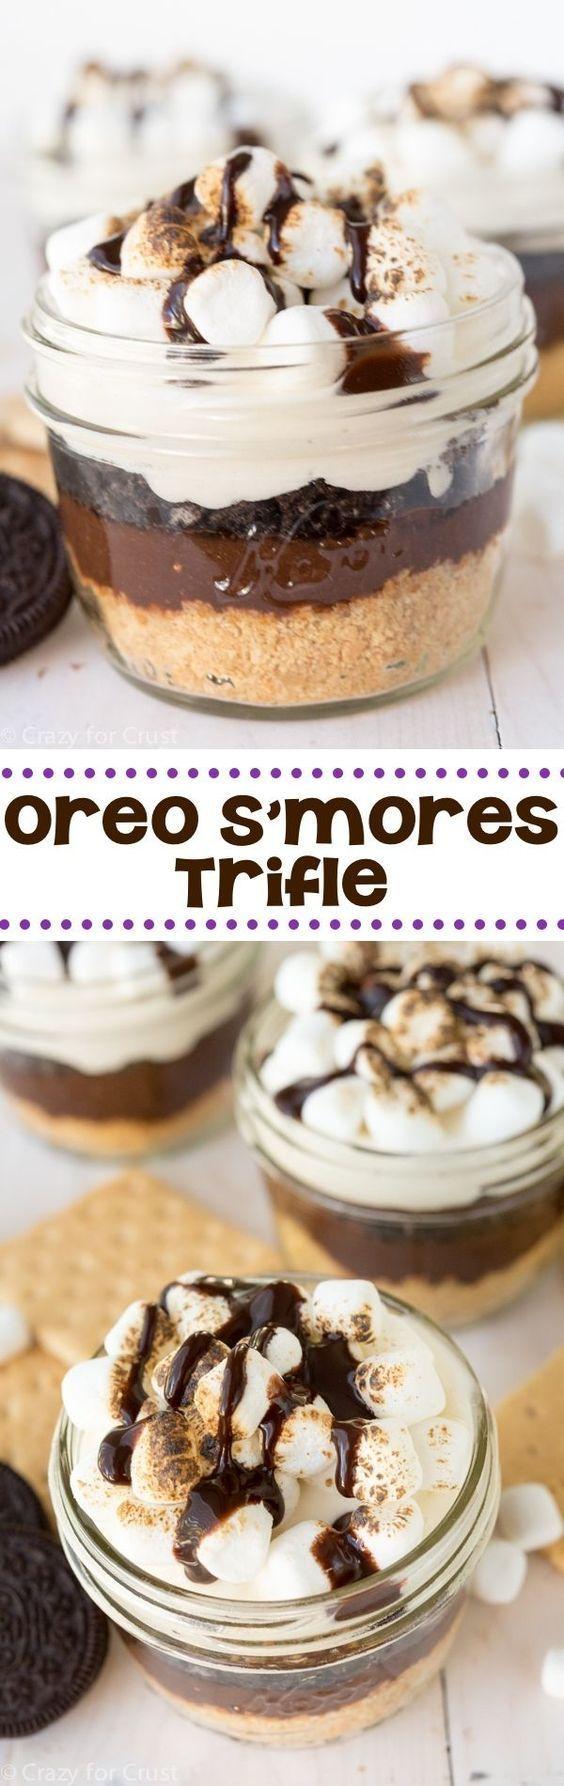 Easy yummy desserts recipes